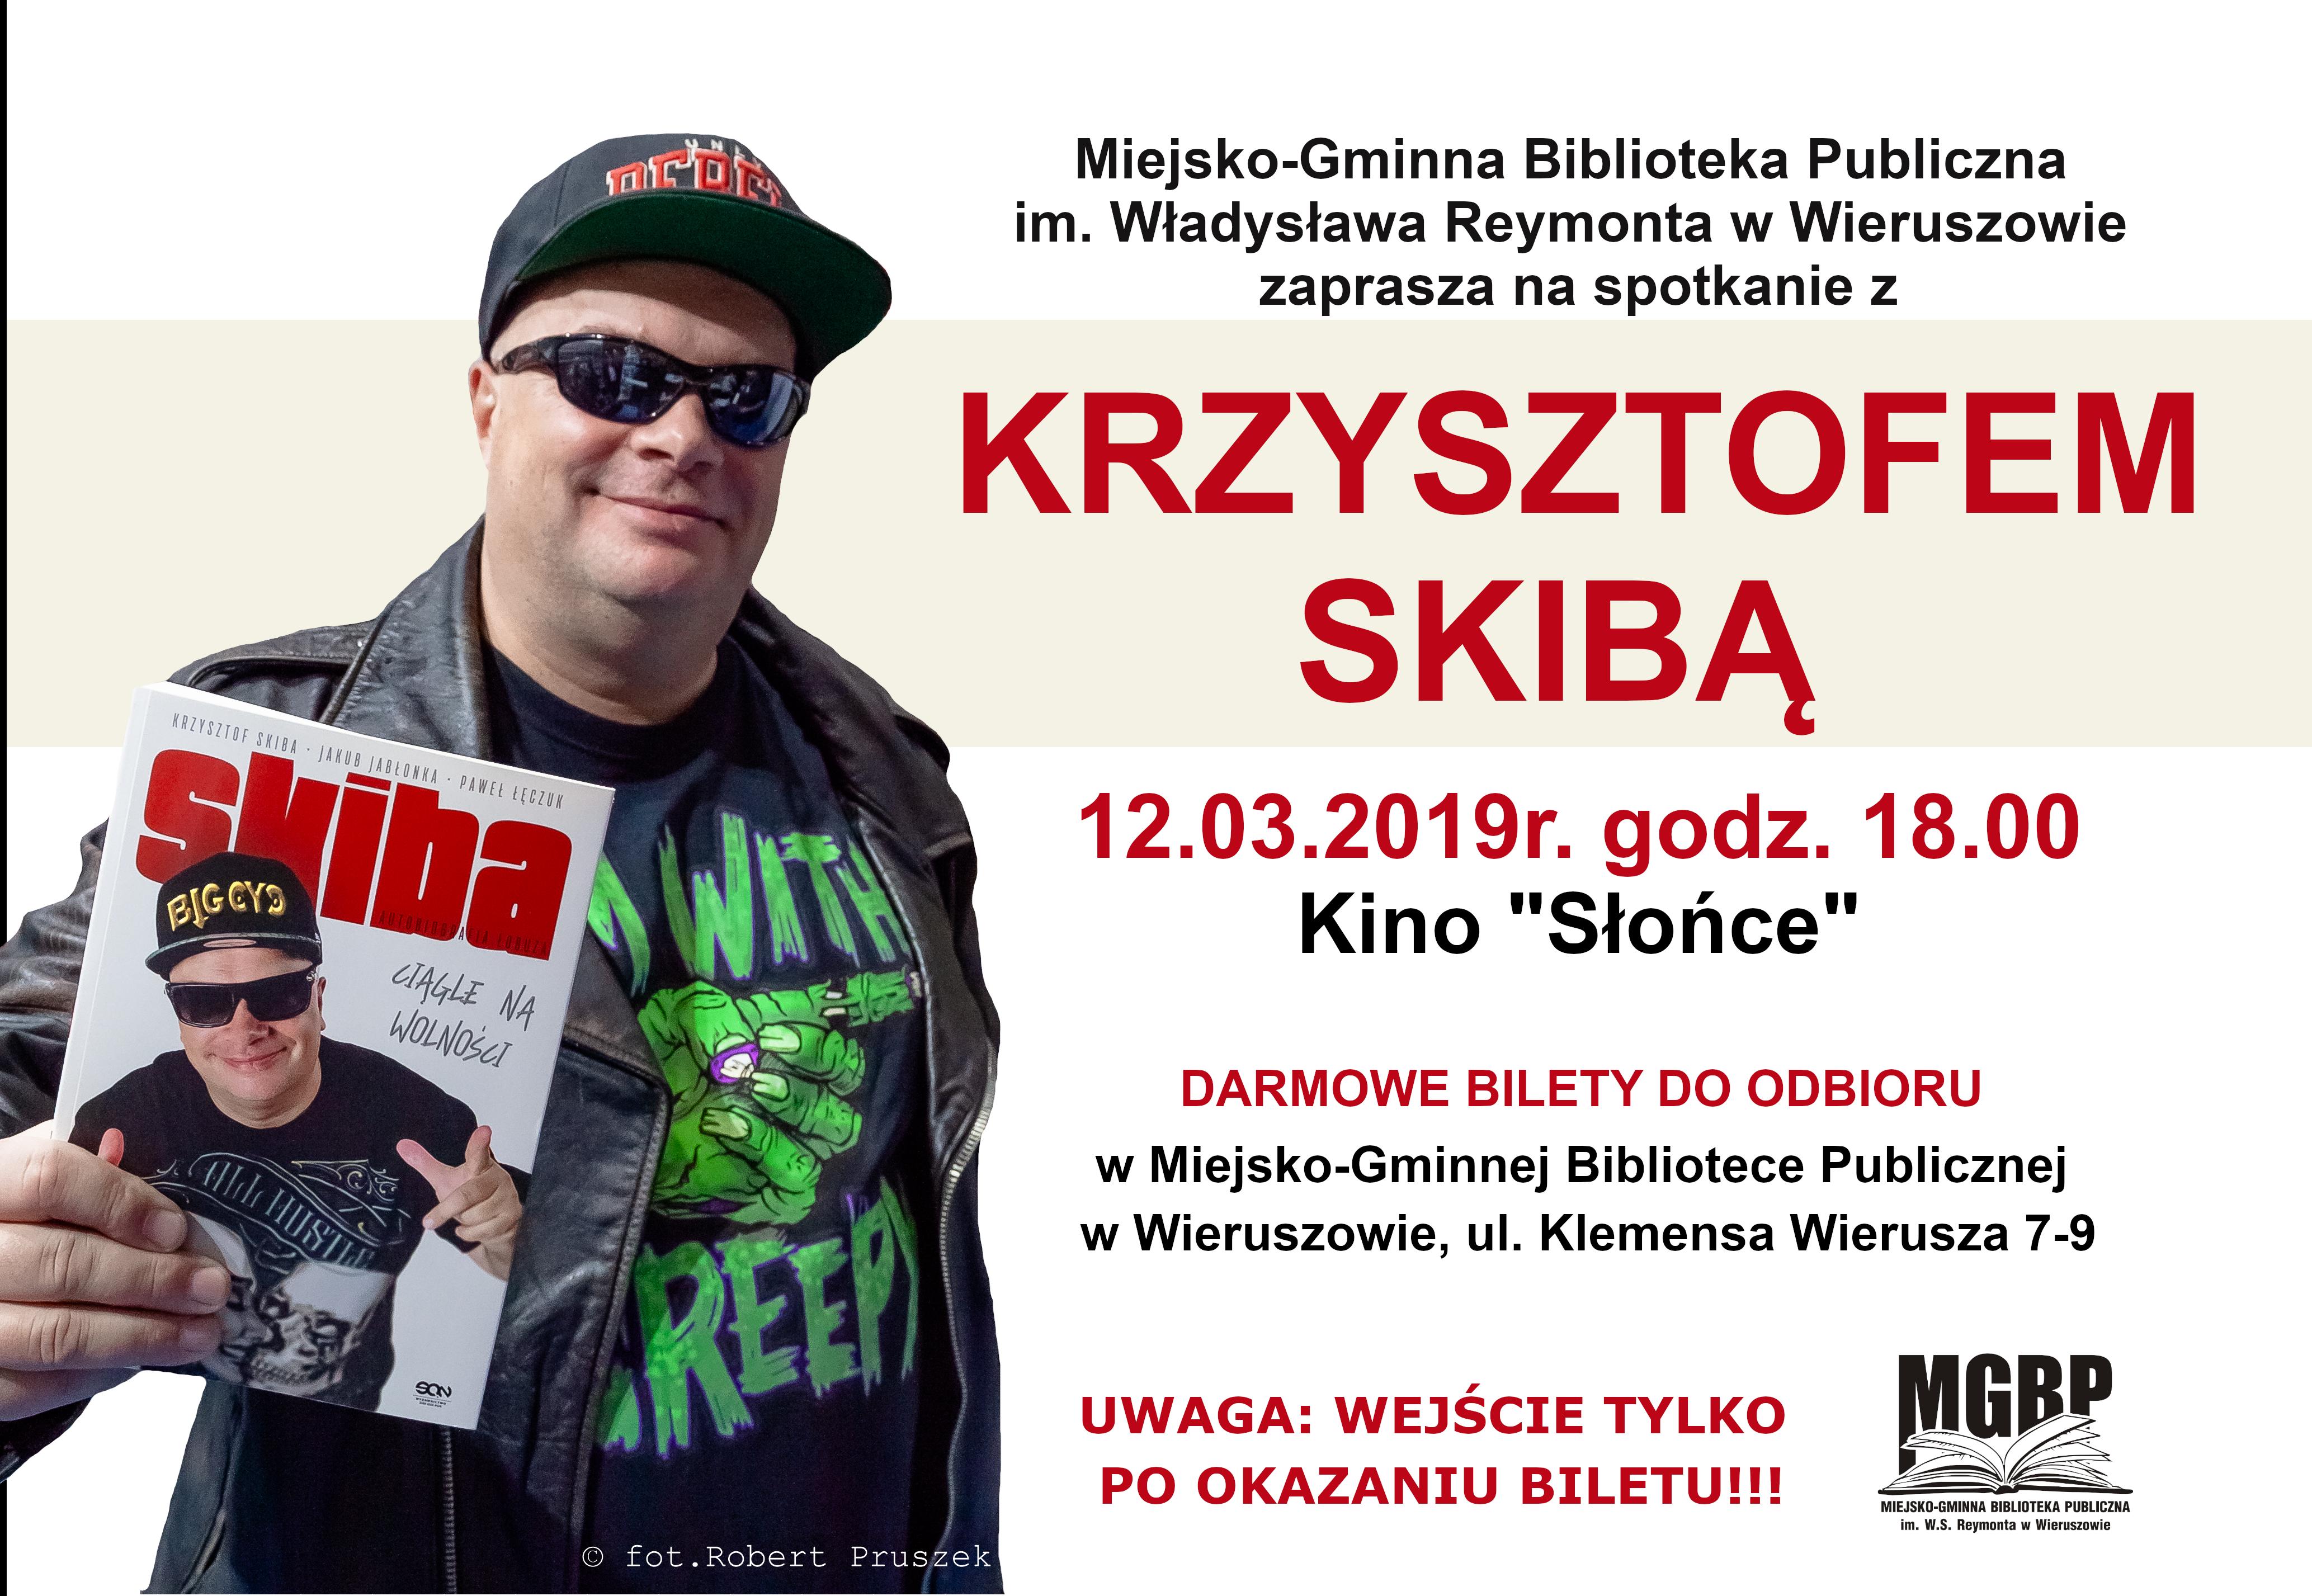 Krzysztof Skiba wWieruszowie- zapraszamy naspotkanie autorskie